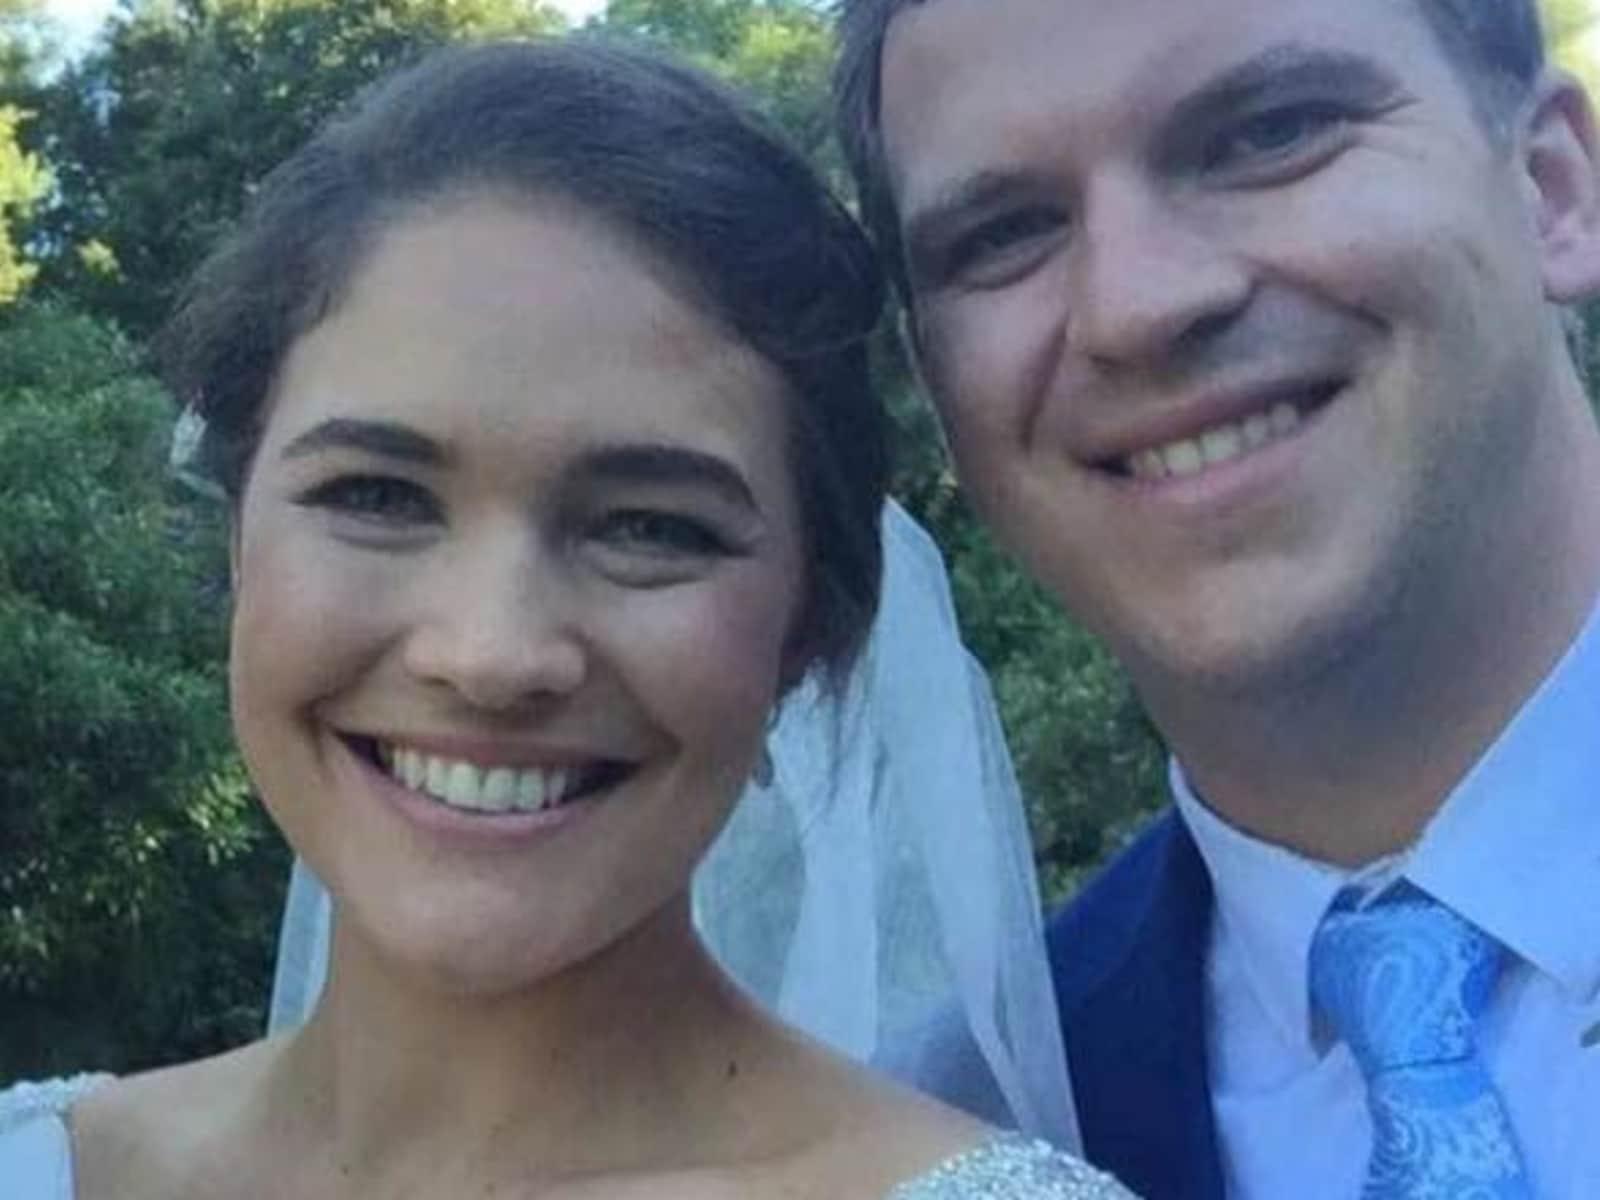 Renee & Stefan from Christchurch, New Zealand